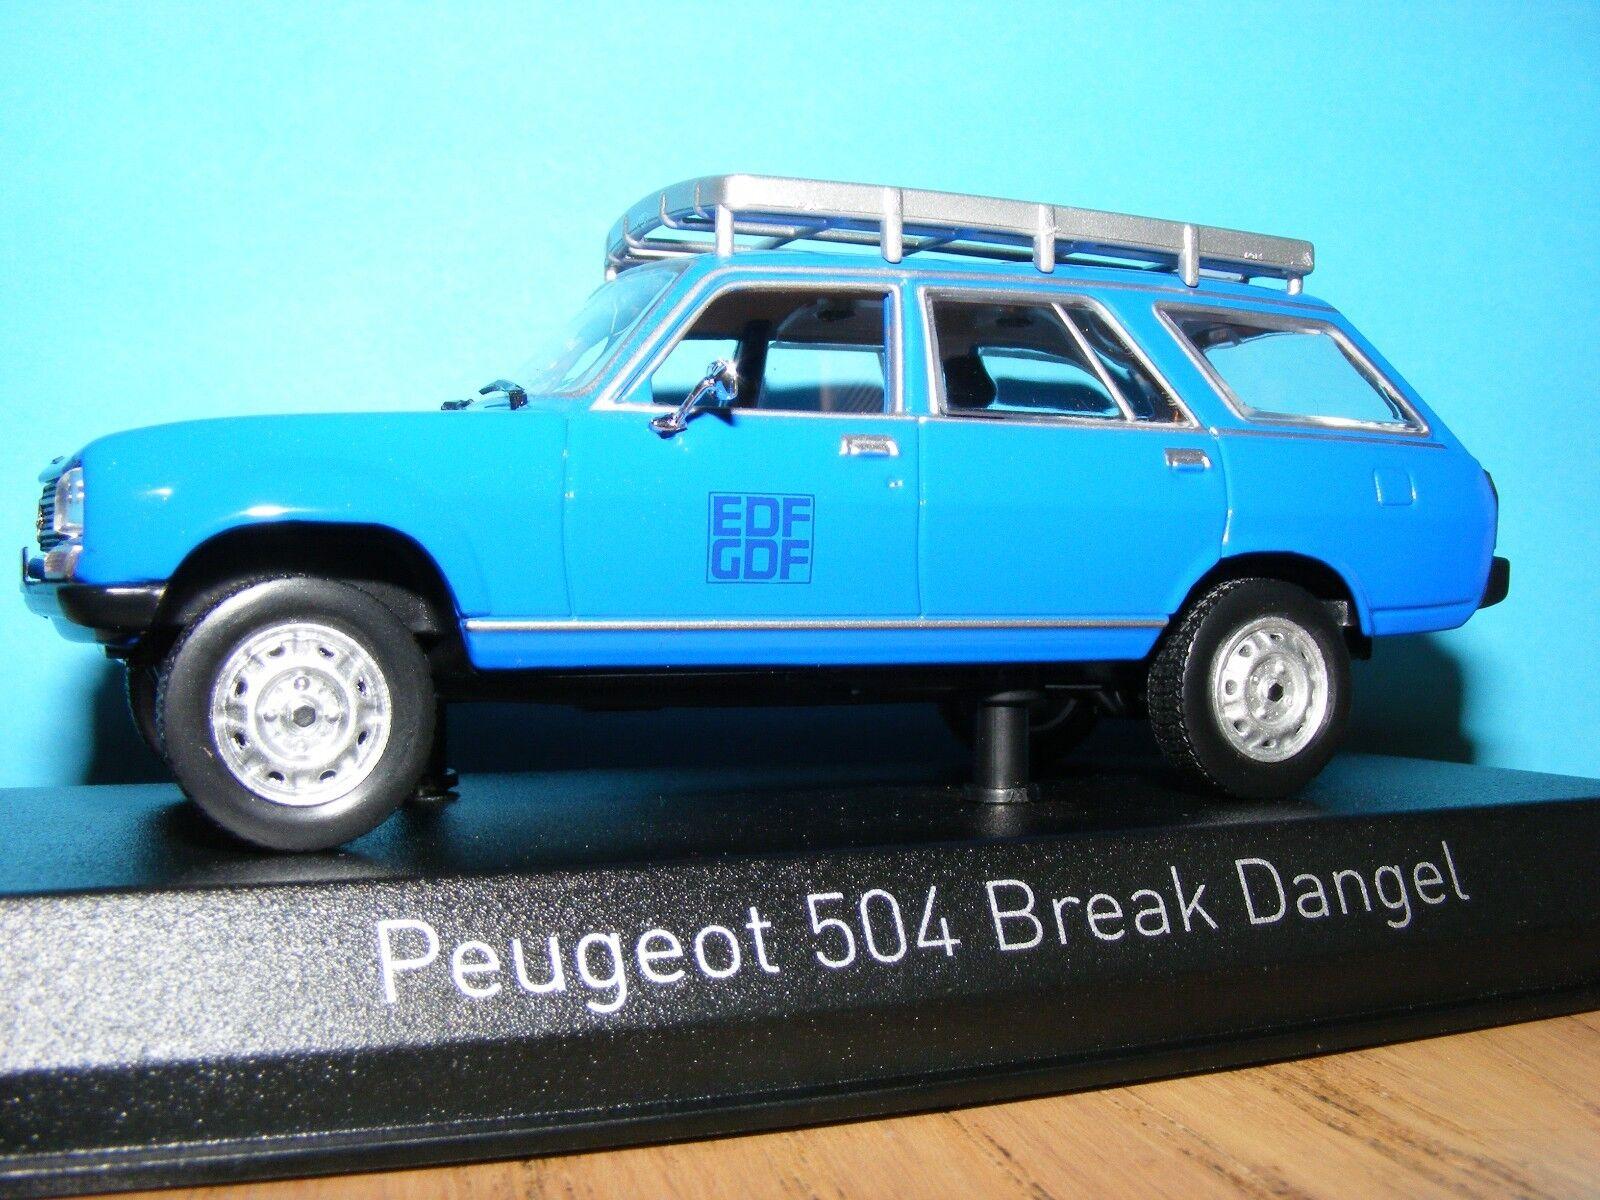 hasta un 70% de descuento Peugeot 504 Estate para uso uso uso todo terreno 1982 EDF1 43RD modelo de escala Norev  Venta al por mayor barato y de alta calidad.